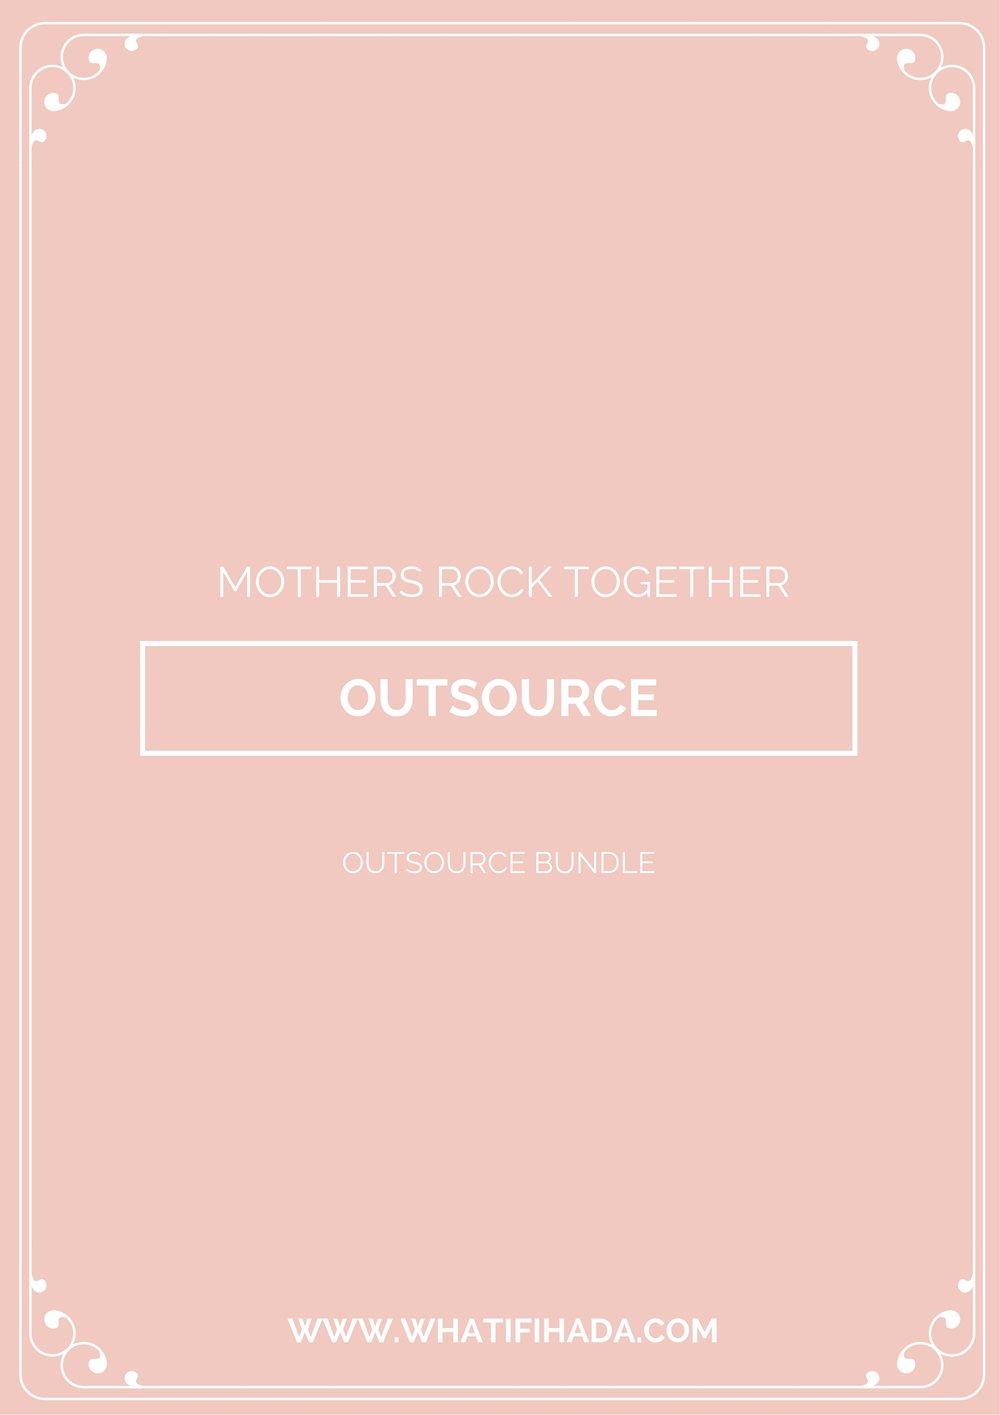 Outsource Printable